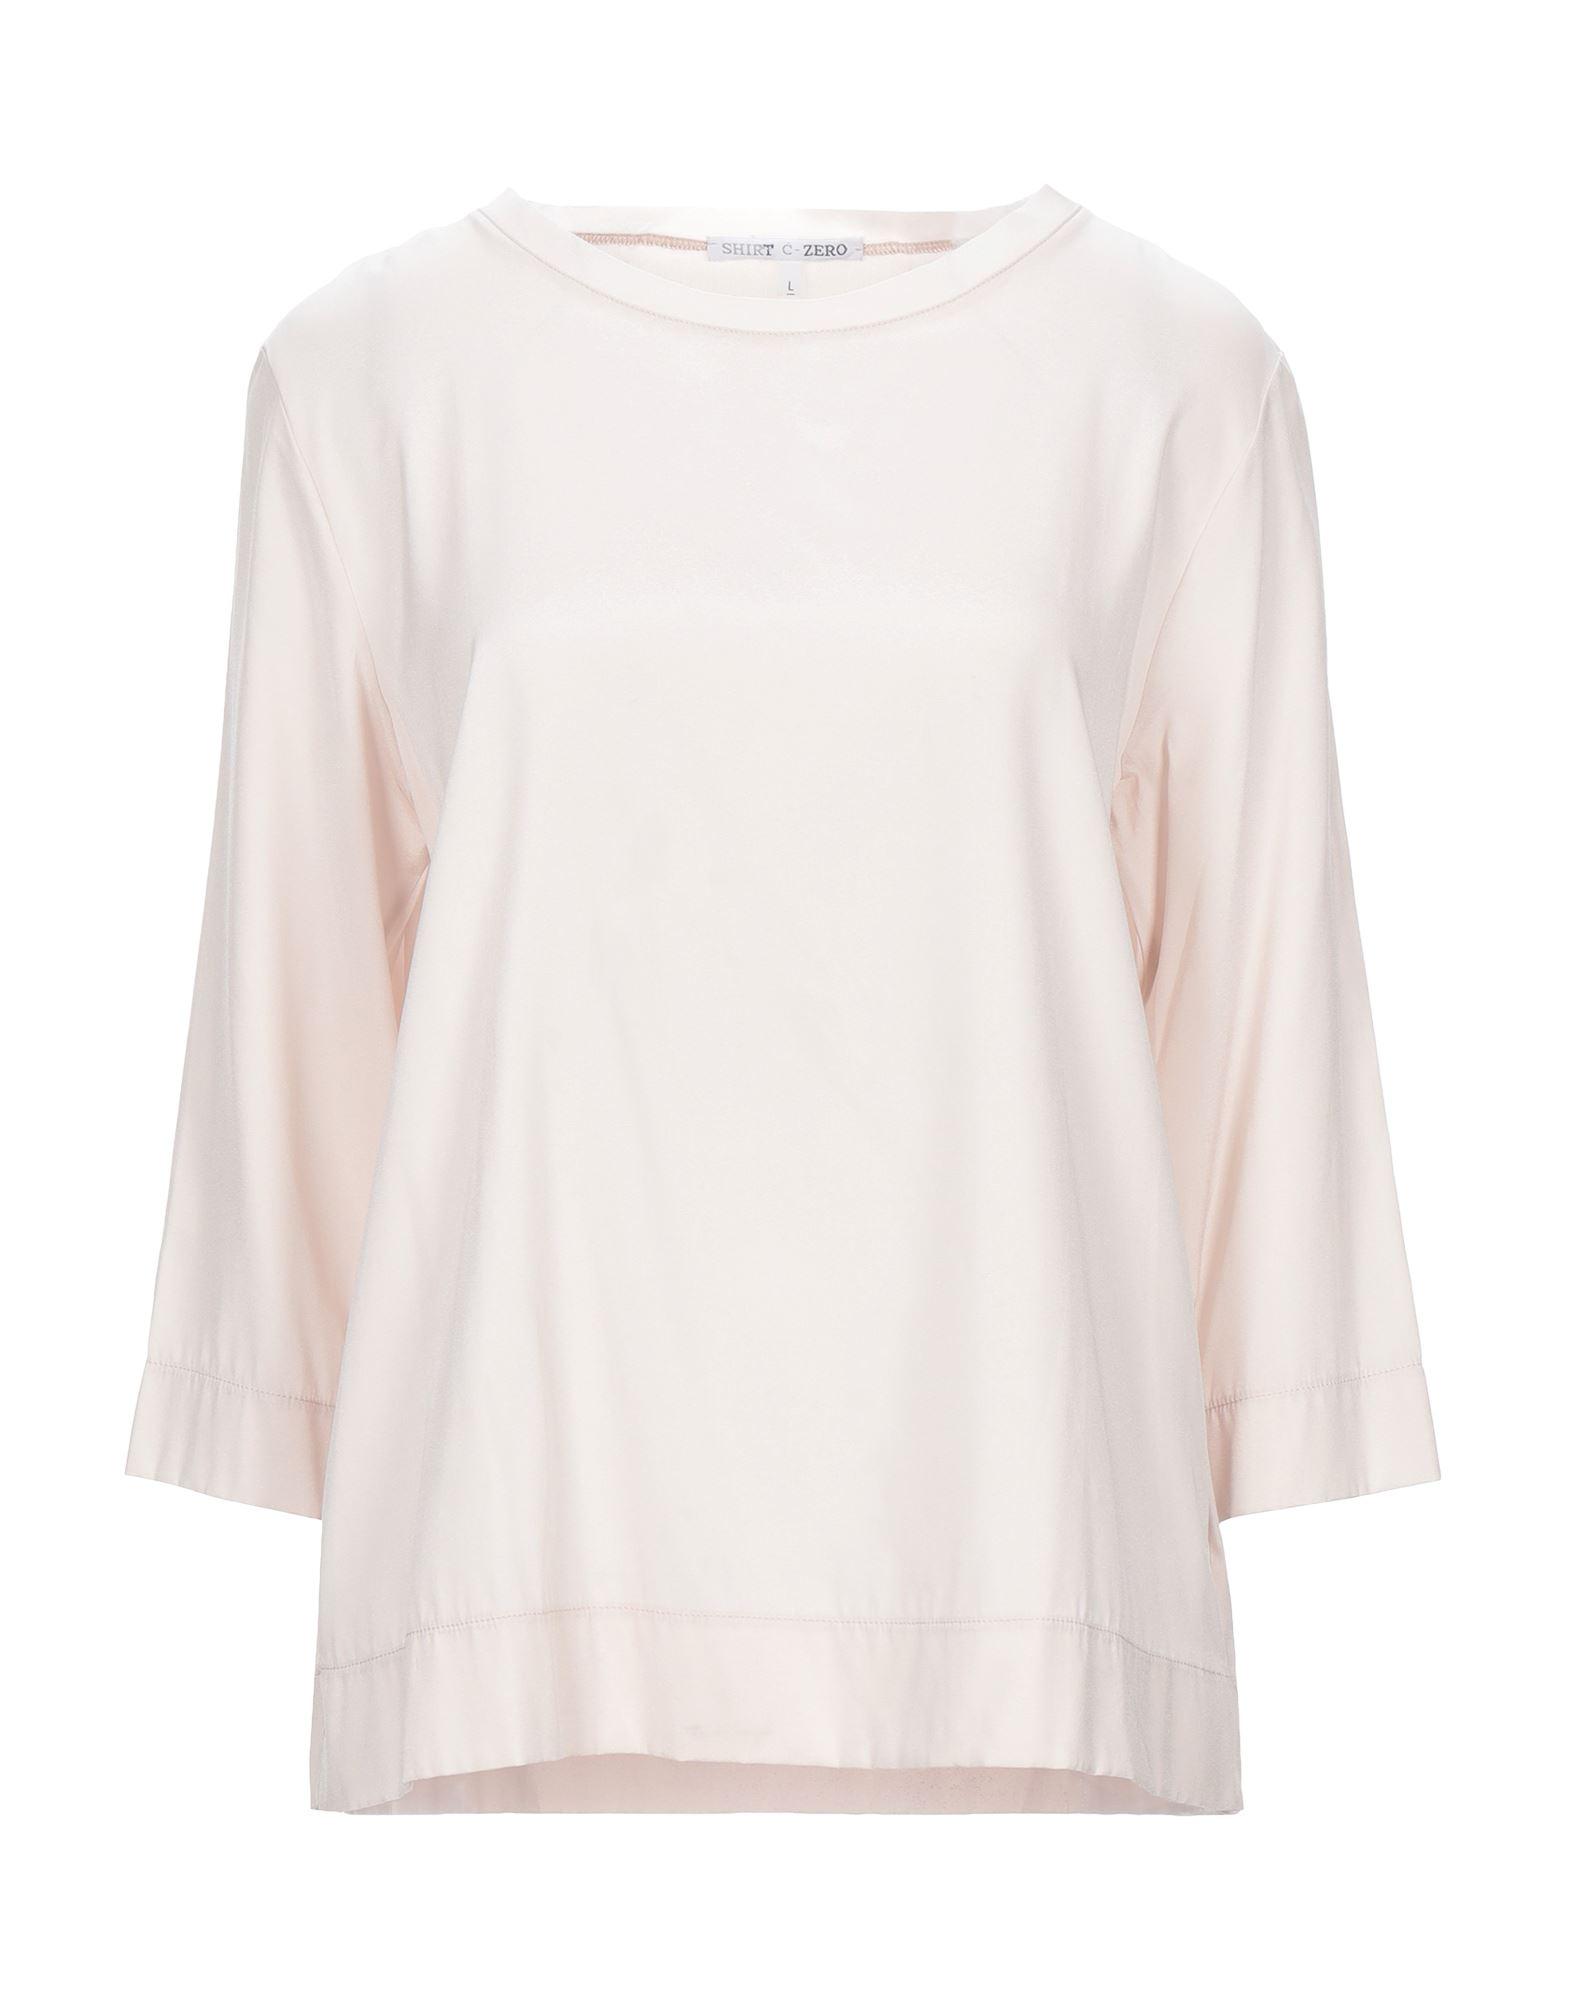 shirt c zero майка SHIRT C-ZERO Блузка